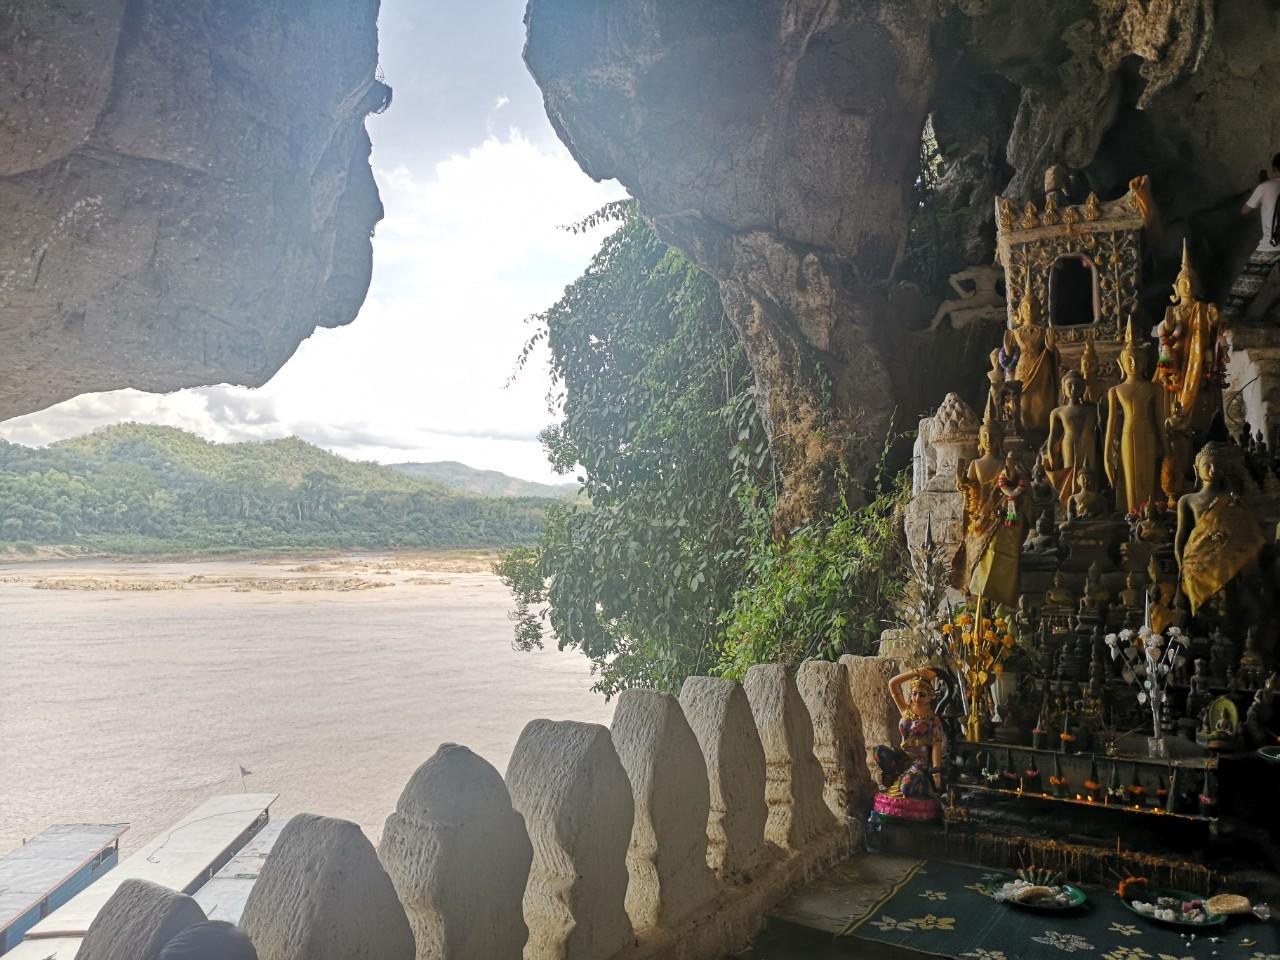 Laos pics from Momo_190724_0101